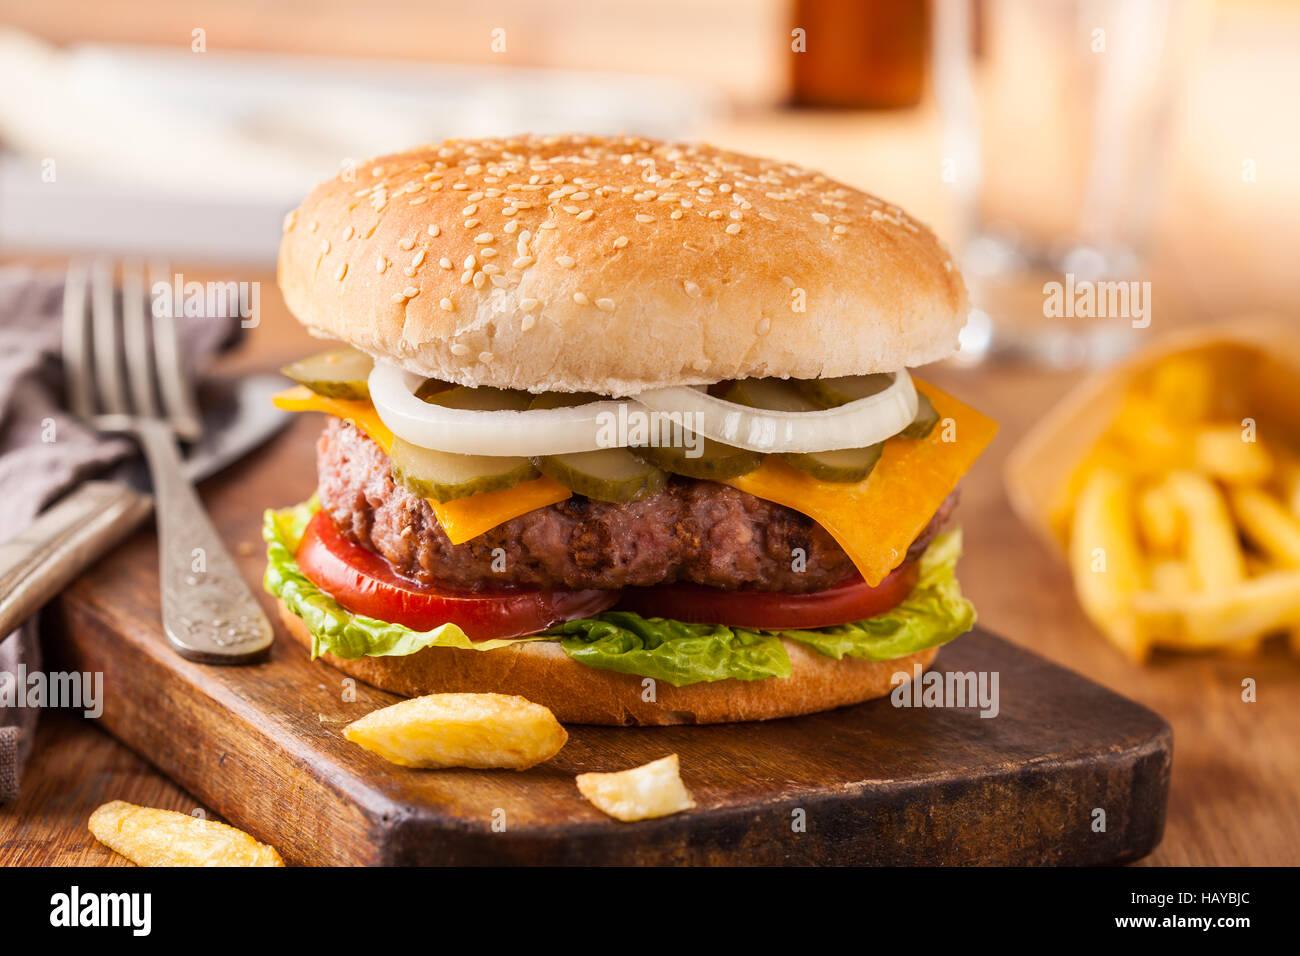 Appetitlich Hamburger mit Pommes, Bier auf Holzbrett. Gurken, Zwiebeln und Cheddar-Käse. Stockbild